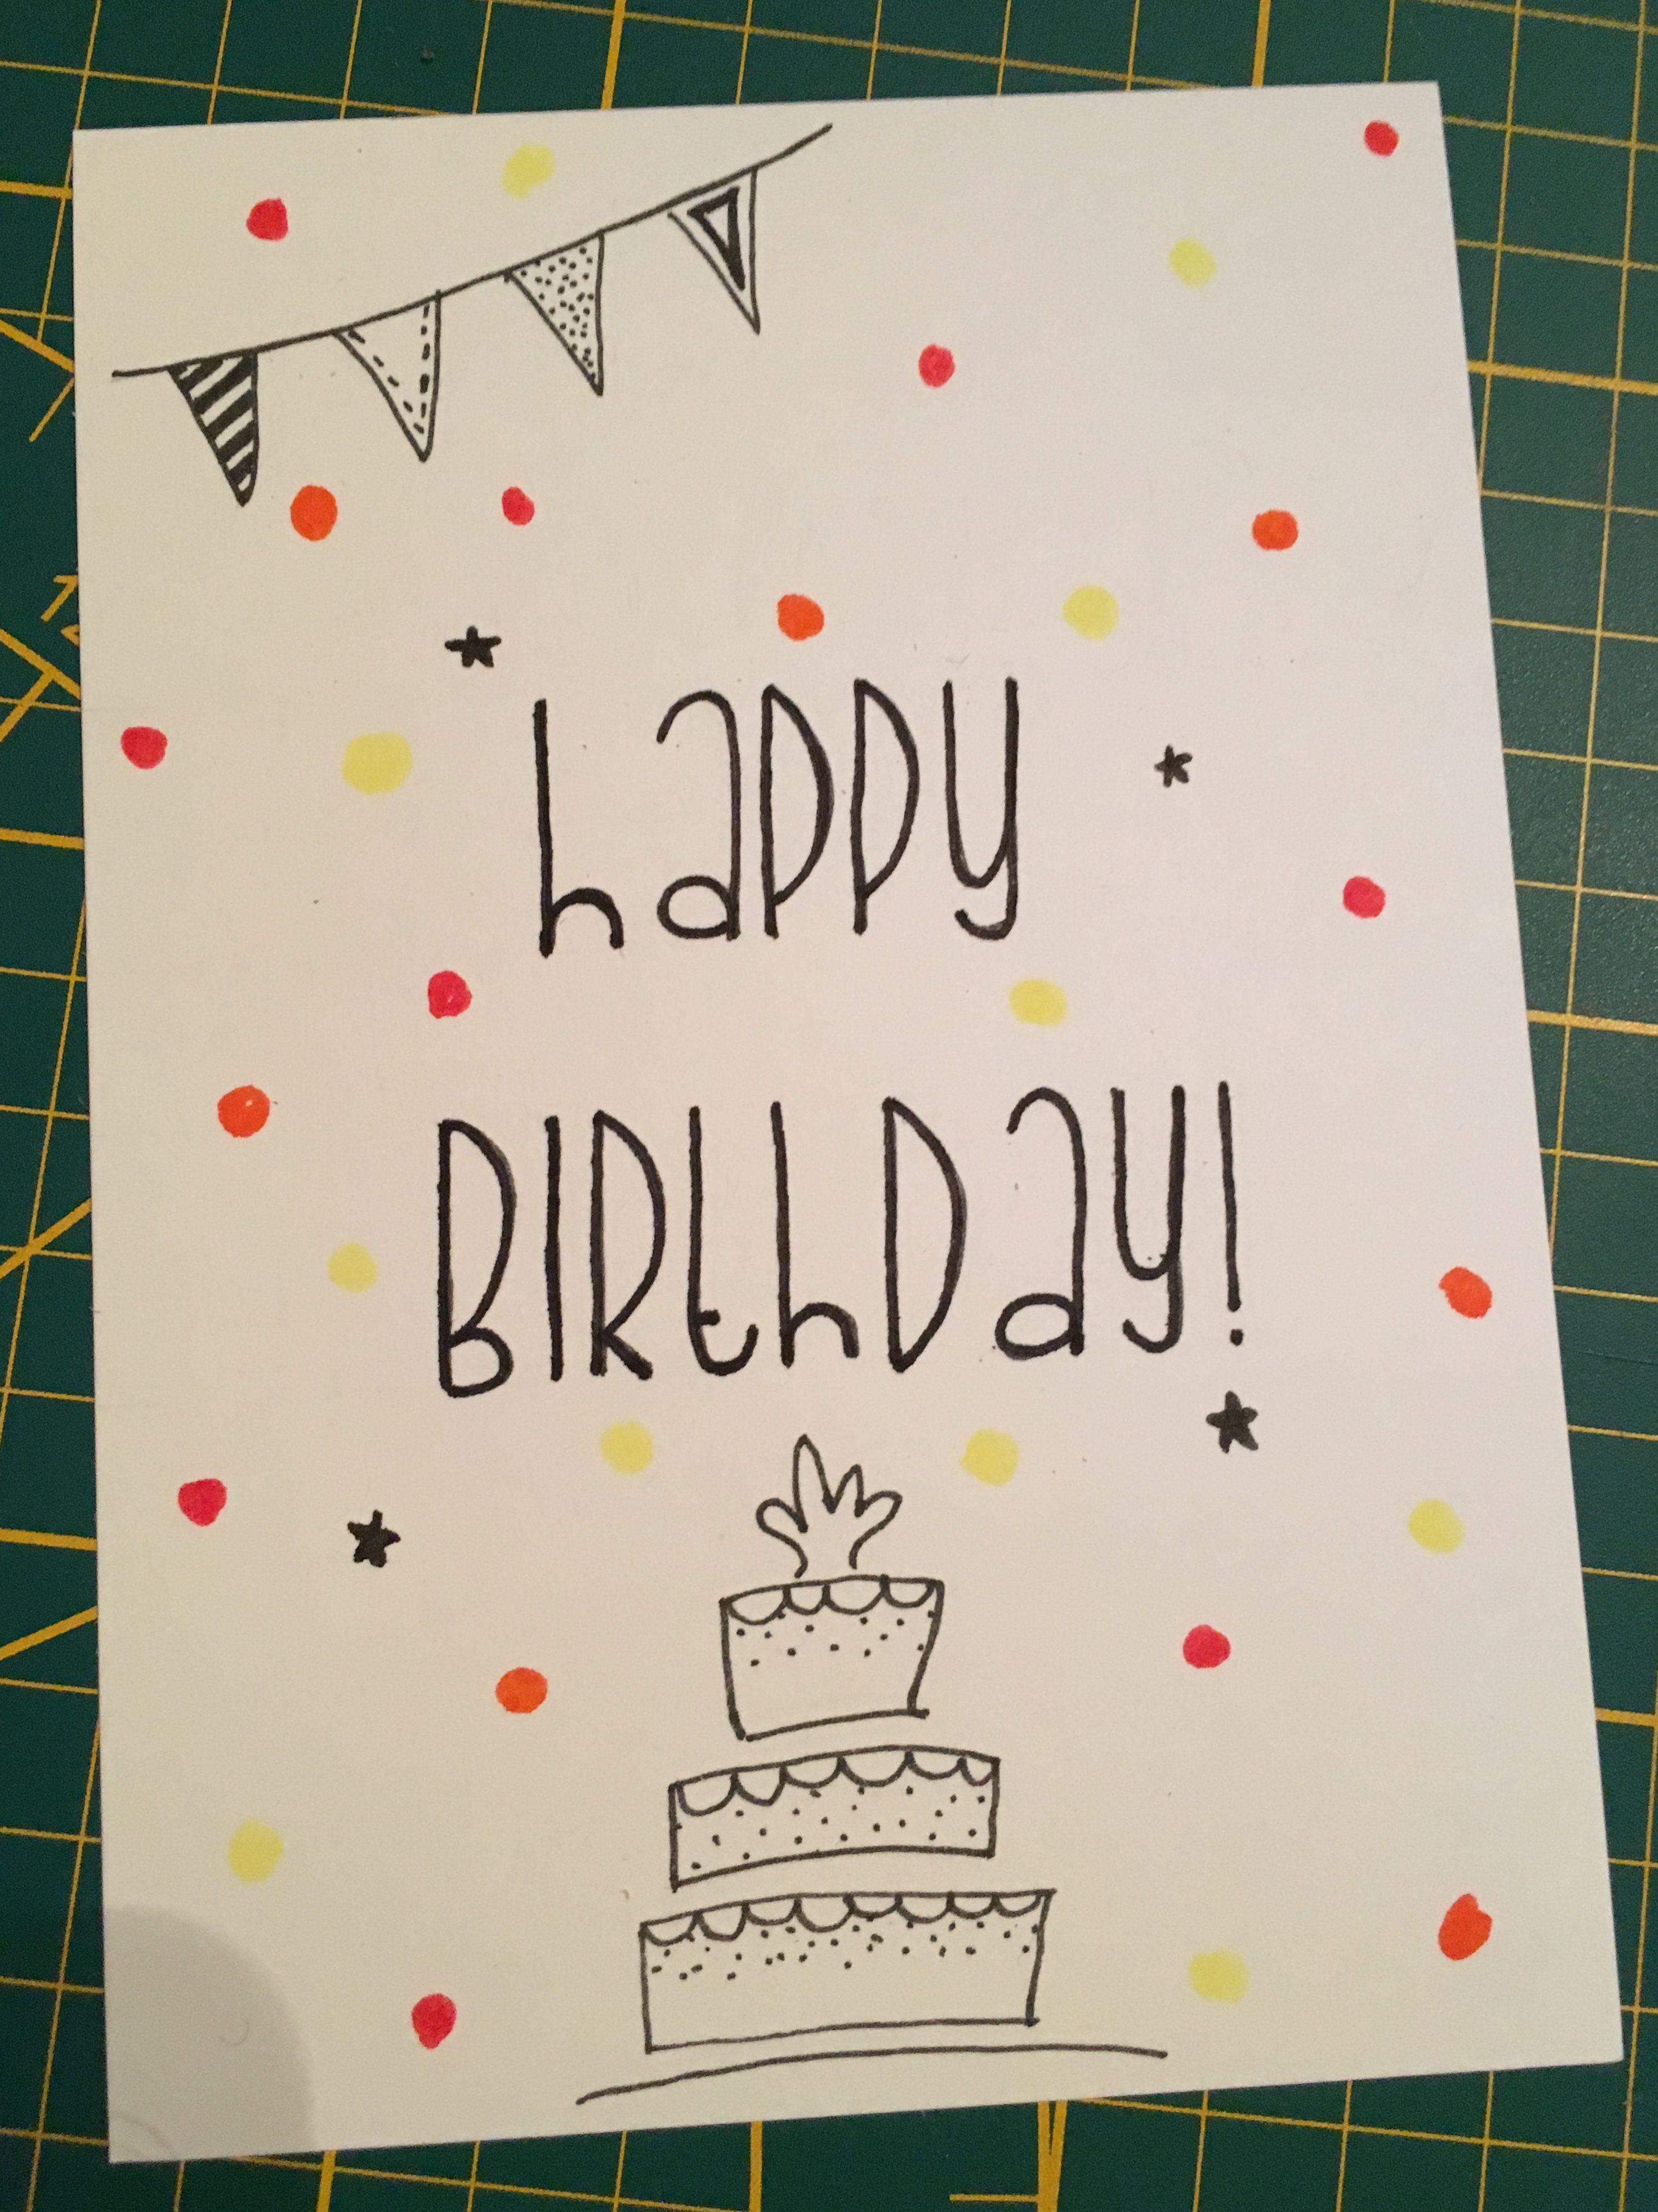 Pin By Dani Jamr U On Birthday Birthday Cards For Friends Happy Birthday Cards Diy Birthday Cards Diy